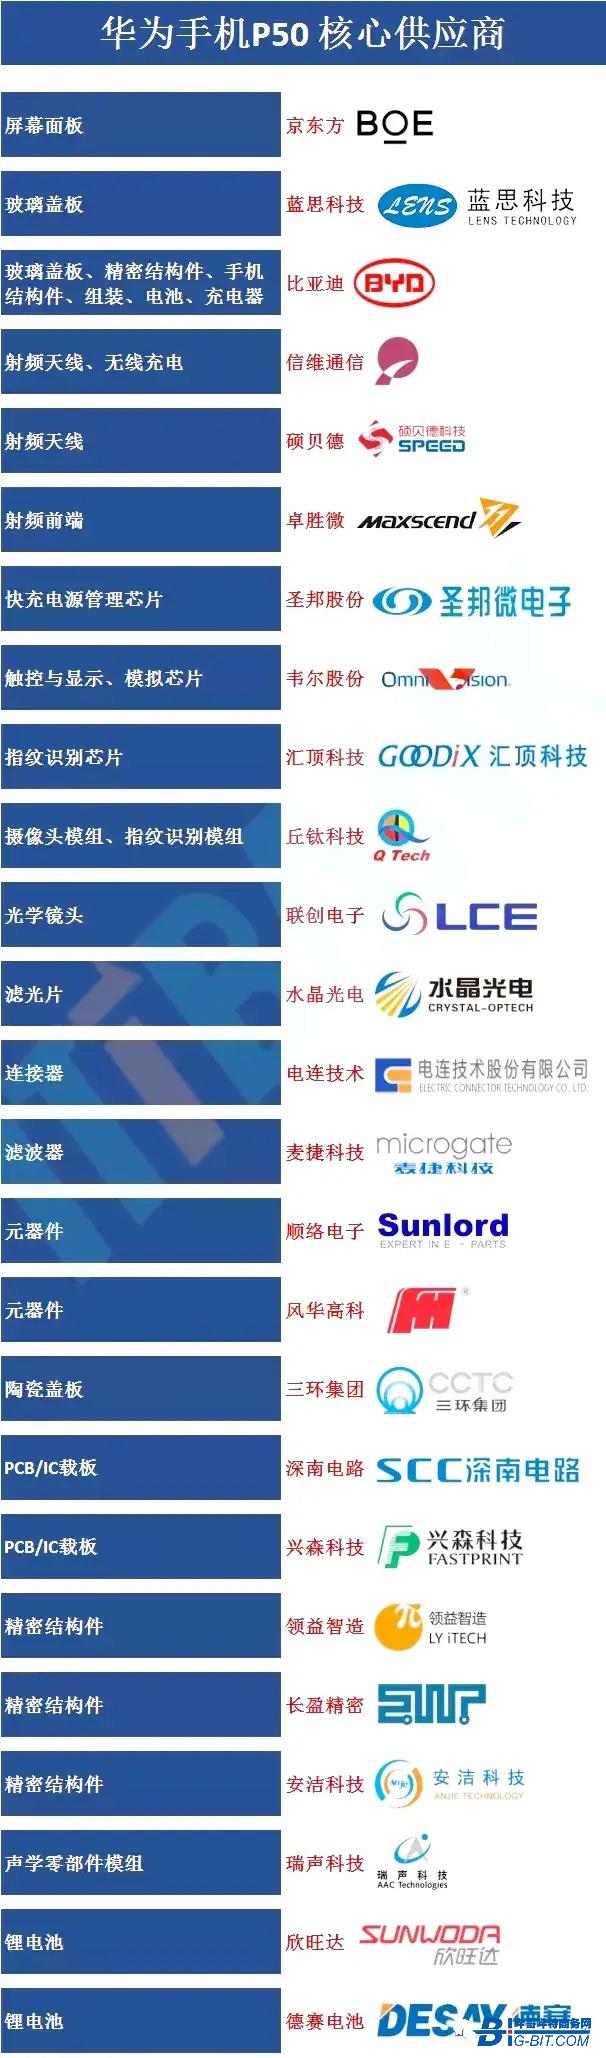 国货之光 华为P50核心供应商名单曝光